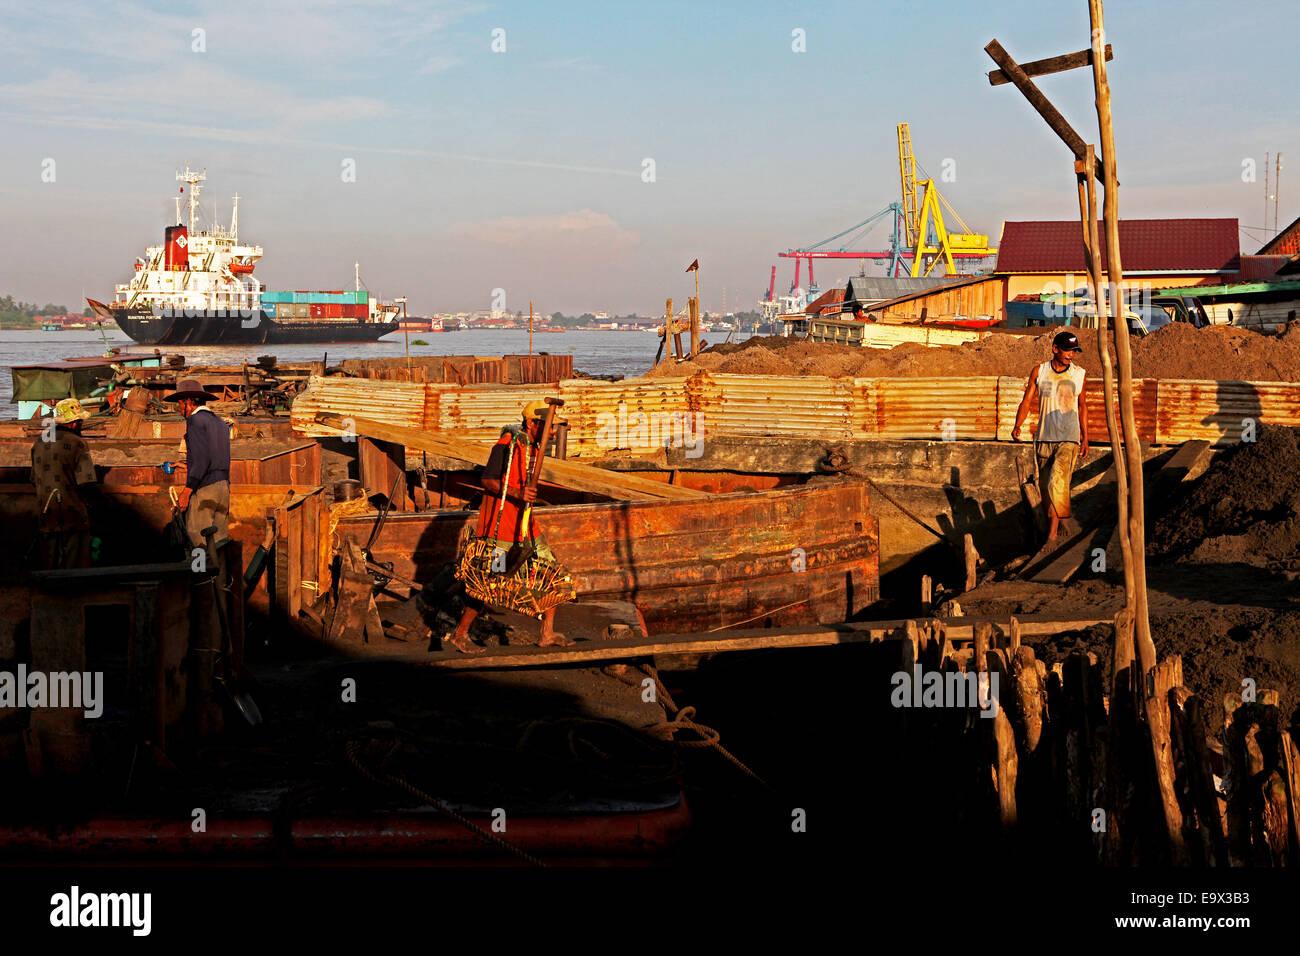 Los trabajadores cargando sands desde una barcaza mientras un buque de carga pasa a través del río Musi Imagen De Stock